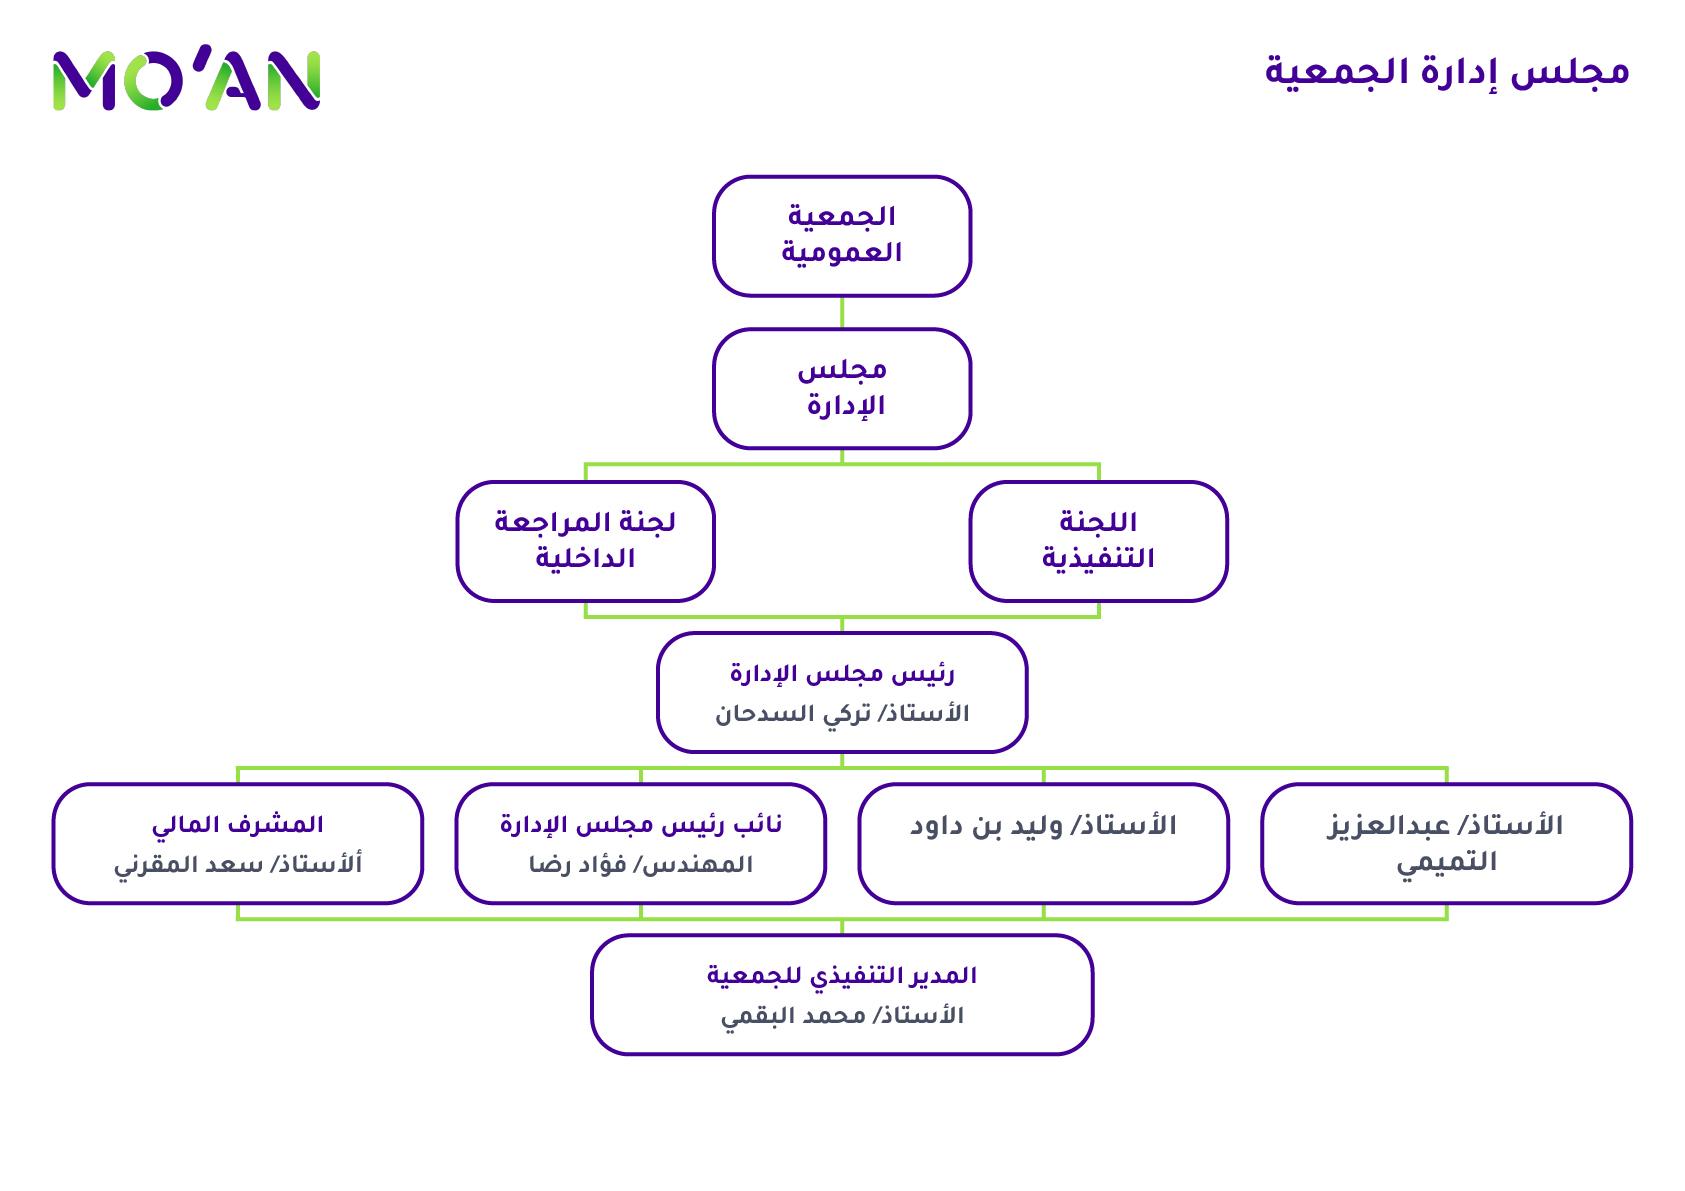 Moan_Board of Directors_Arabic